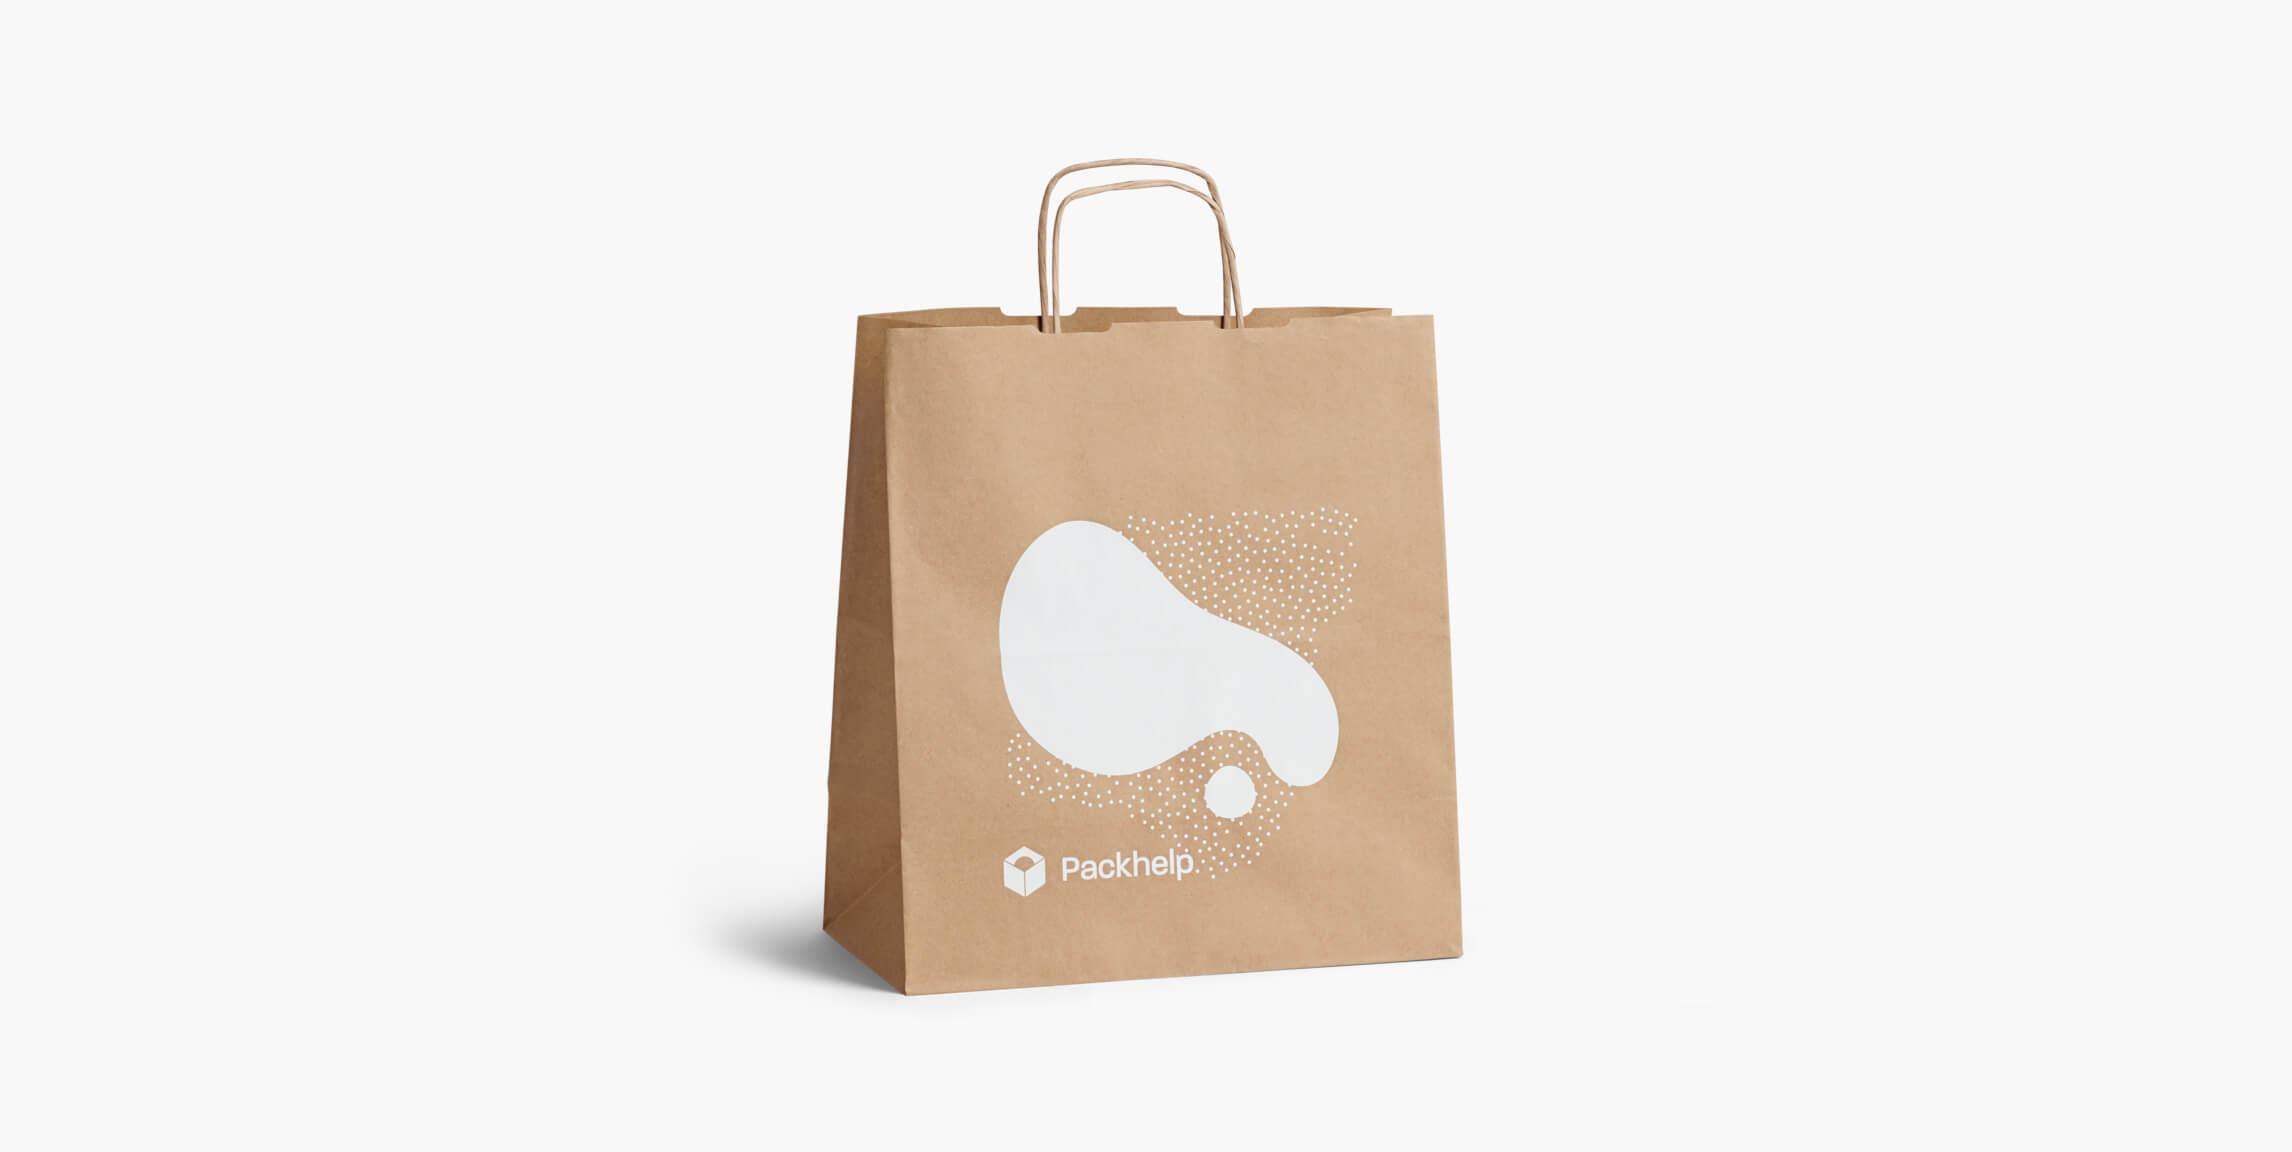 Bolsas de papel personalizadas para tiendas físicas